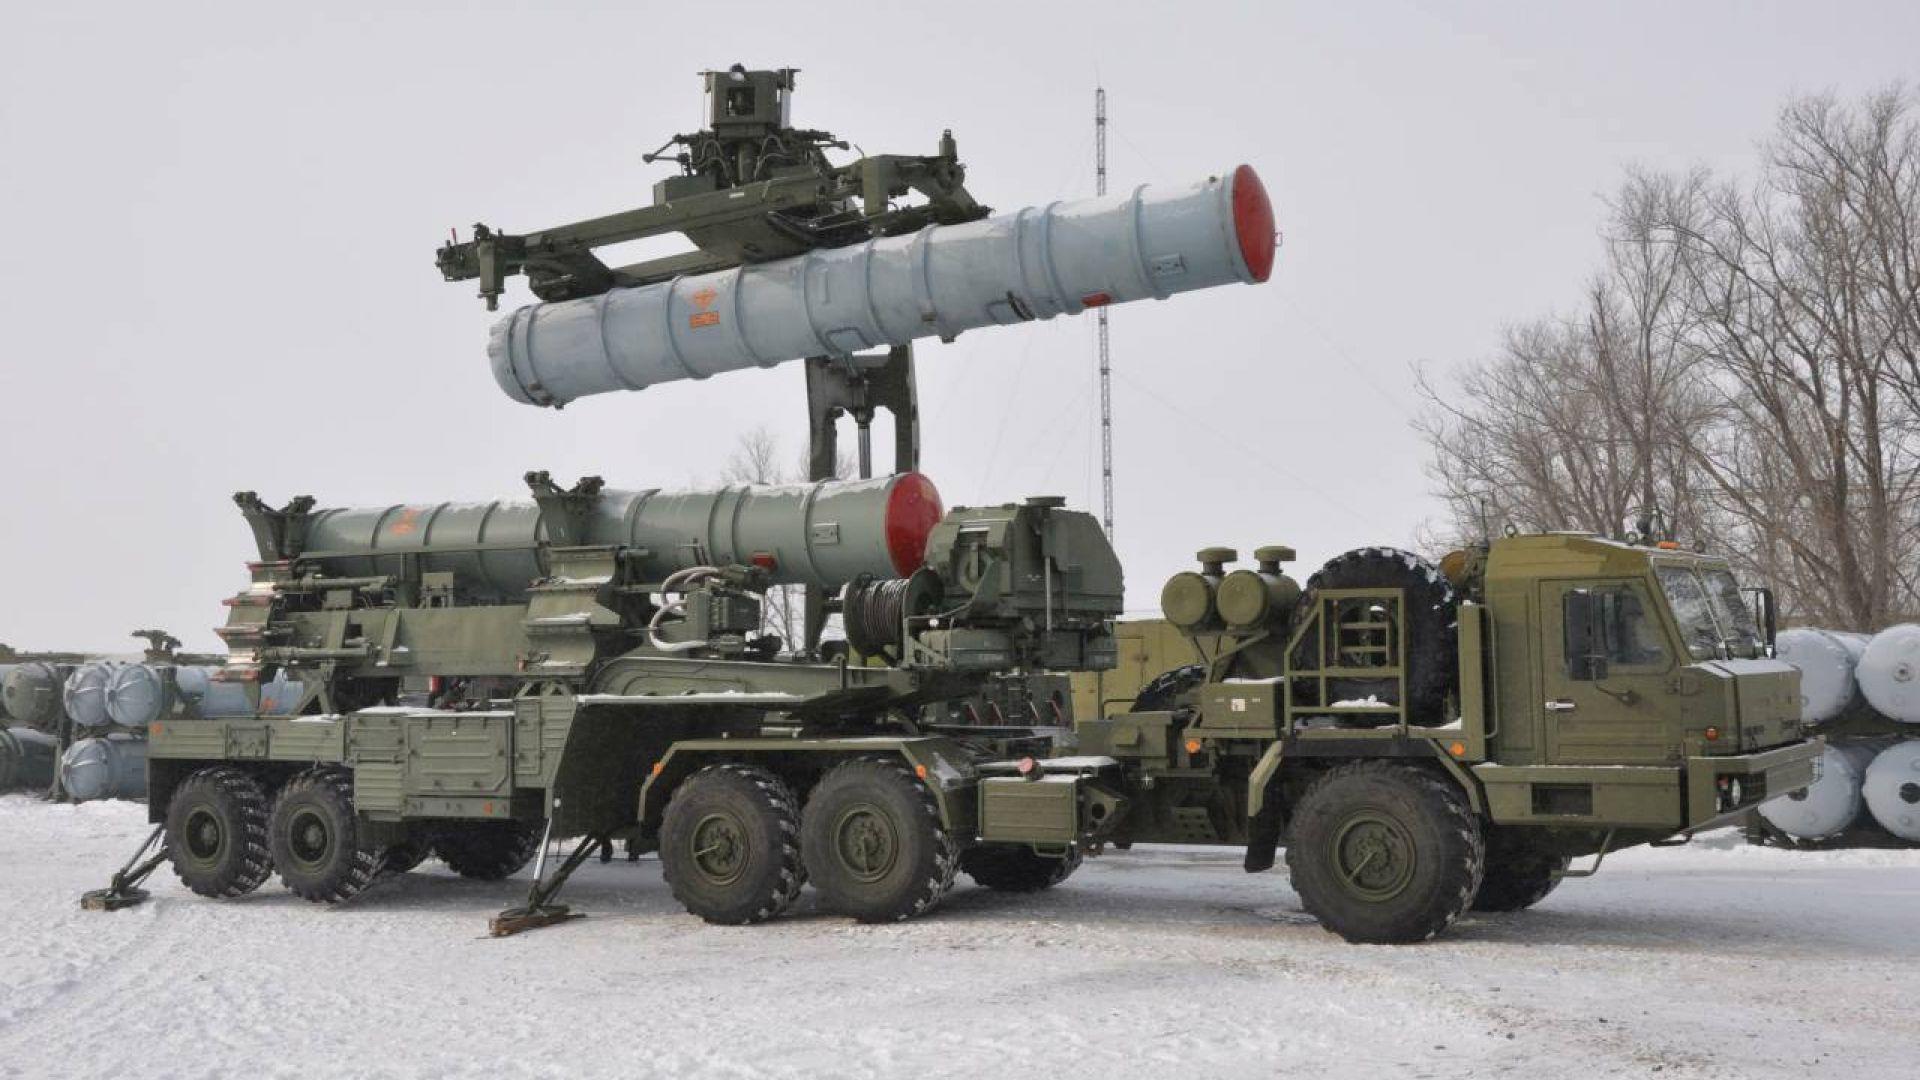 Снимка: САЩ предупреди Турция, че й остава все по-малко време до санкции заради покупката на руски С-400